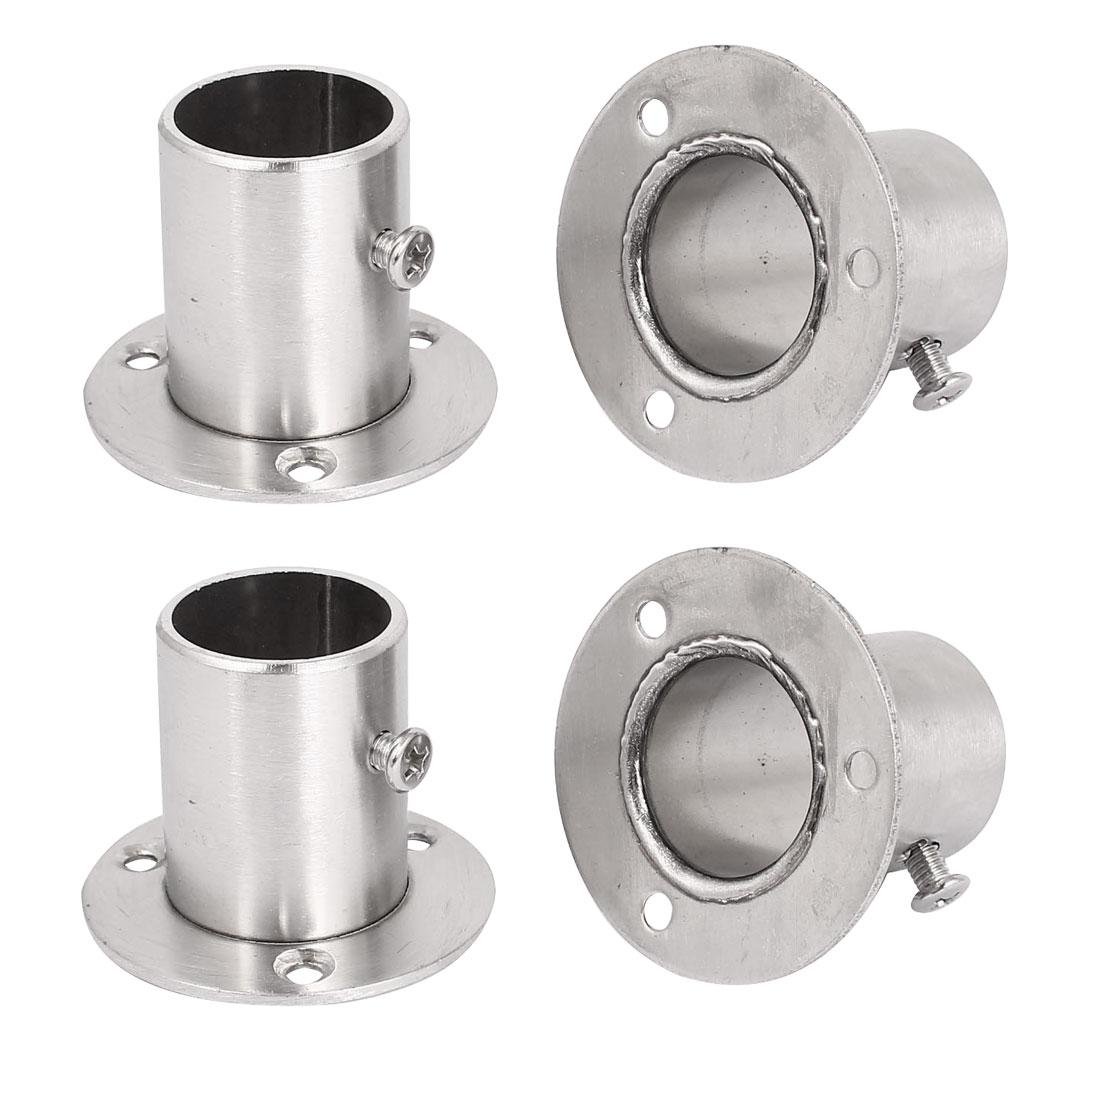 4pcs Wardrobe Stainless Steel Rail Rod End Support Bracket Socket for 25mm Tube